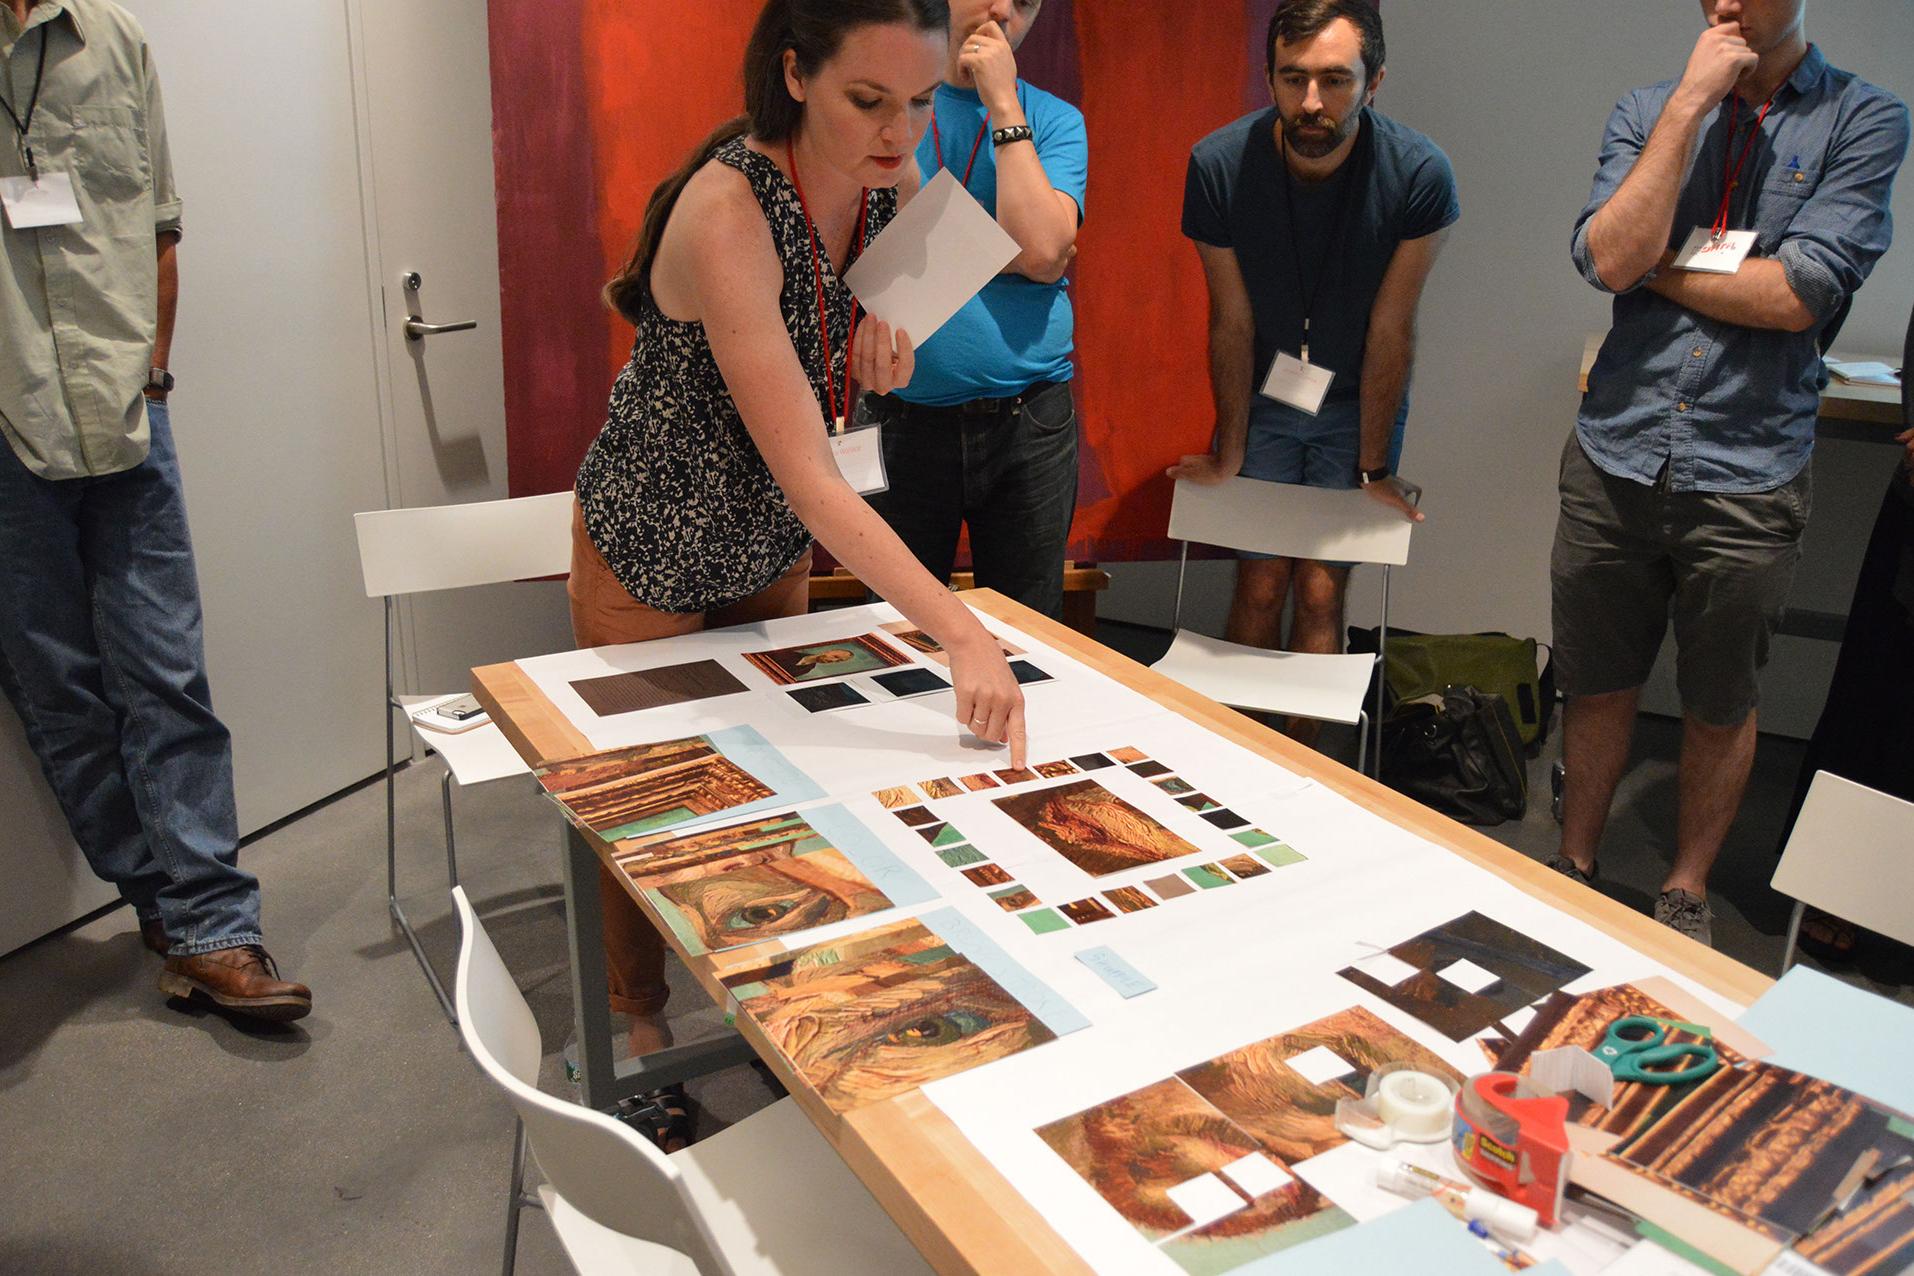 Andrea Wallace at metaLab Harvard